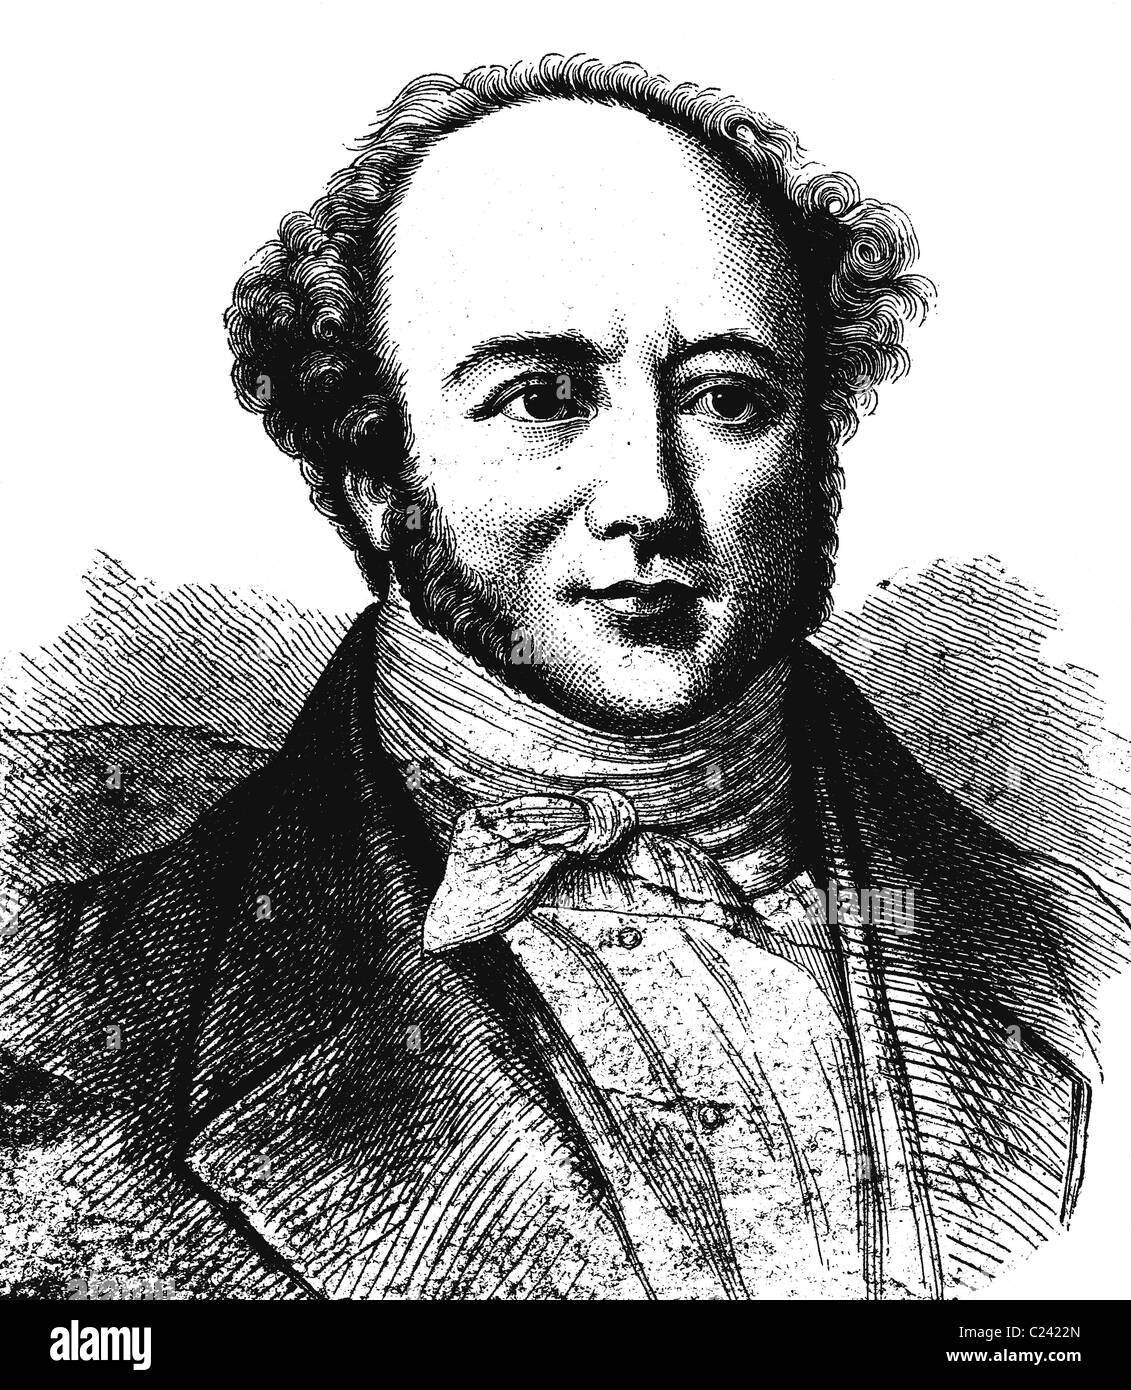 Jeremias Gotthelf war das Pseudonym des schweizer Schriftstellers Albert Bitzius, 1797-1854, historische Illustration, - Stock Image